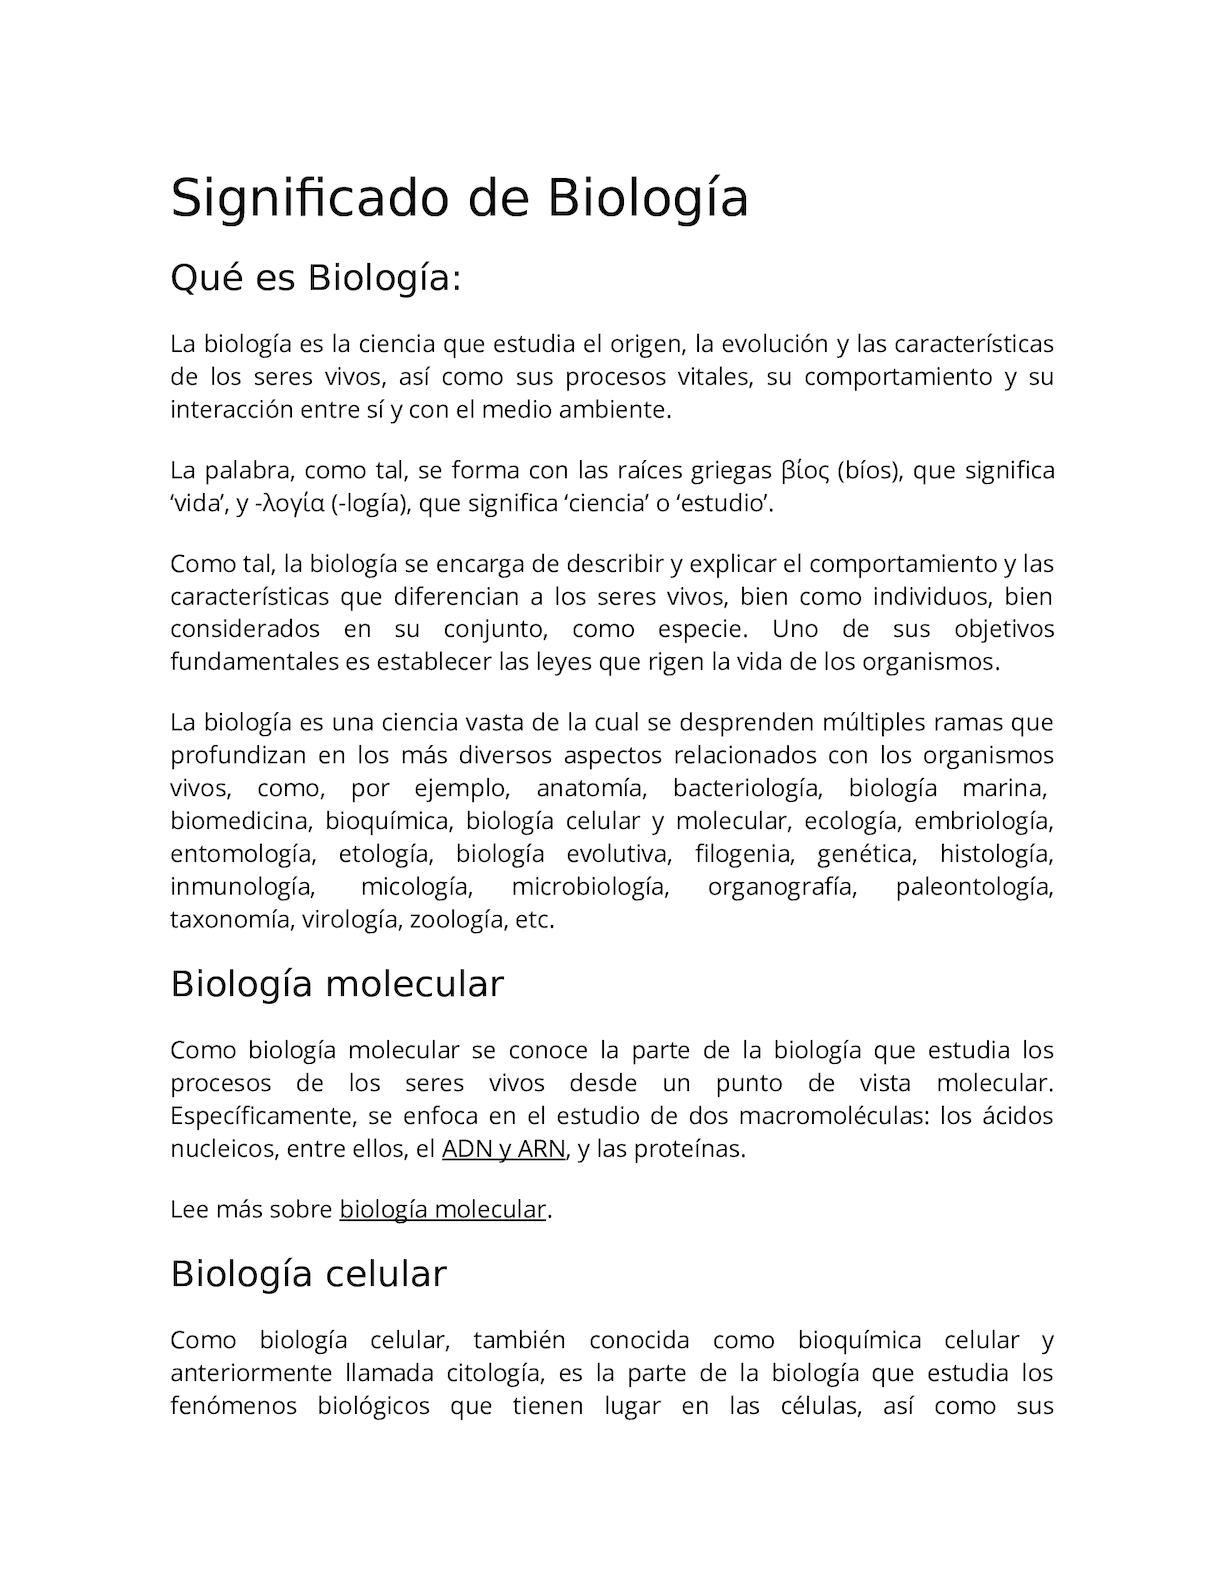 que significa citologia en biologia